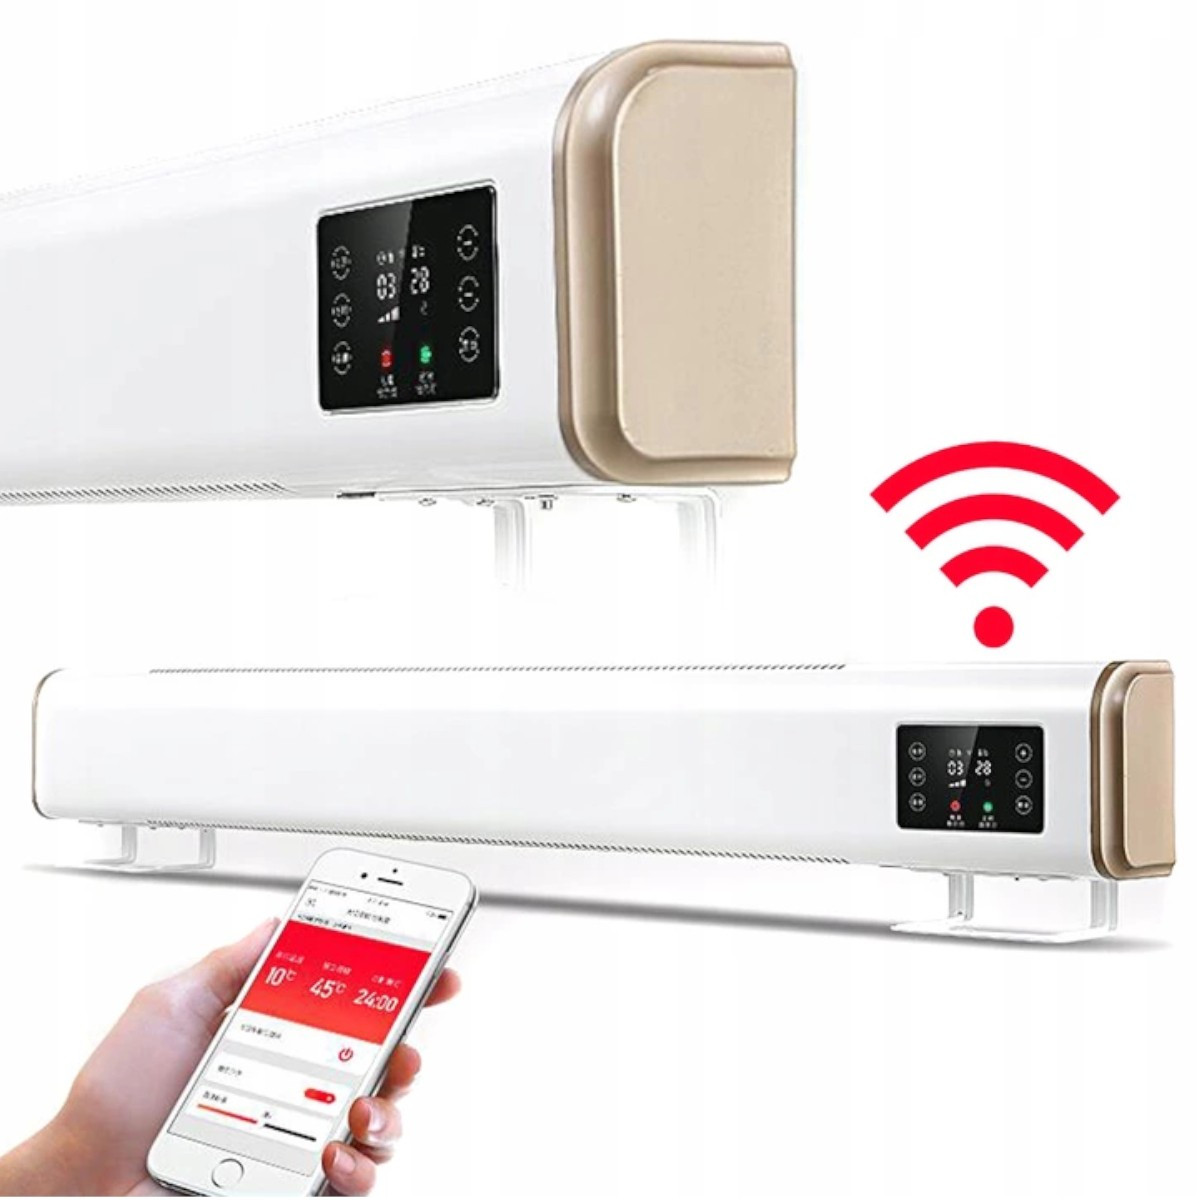 Grzejnik elektryczny Cronos 2100W z WiFi